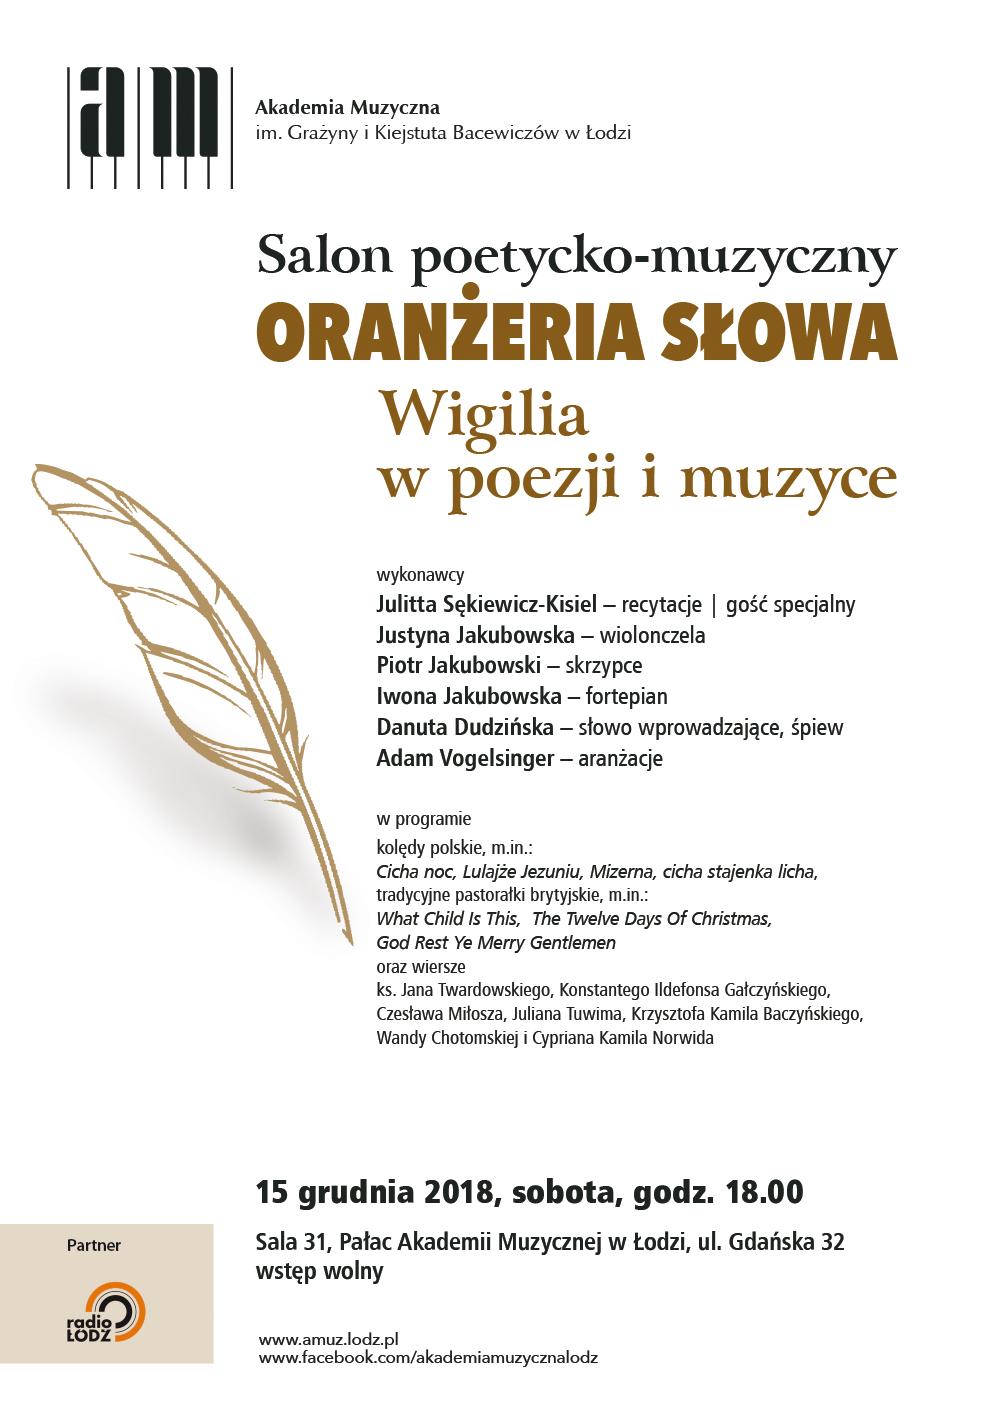 Akademia Muzyczna W łodzi Oranżeria Słowa Salon Poetycko